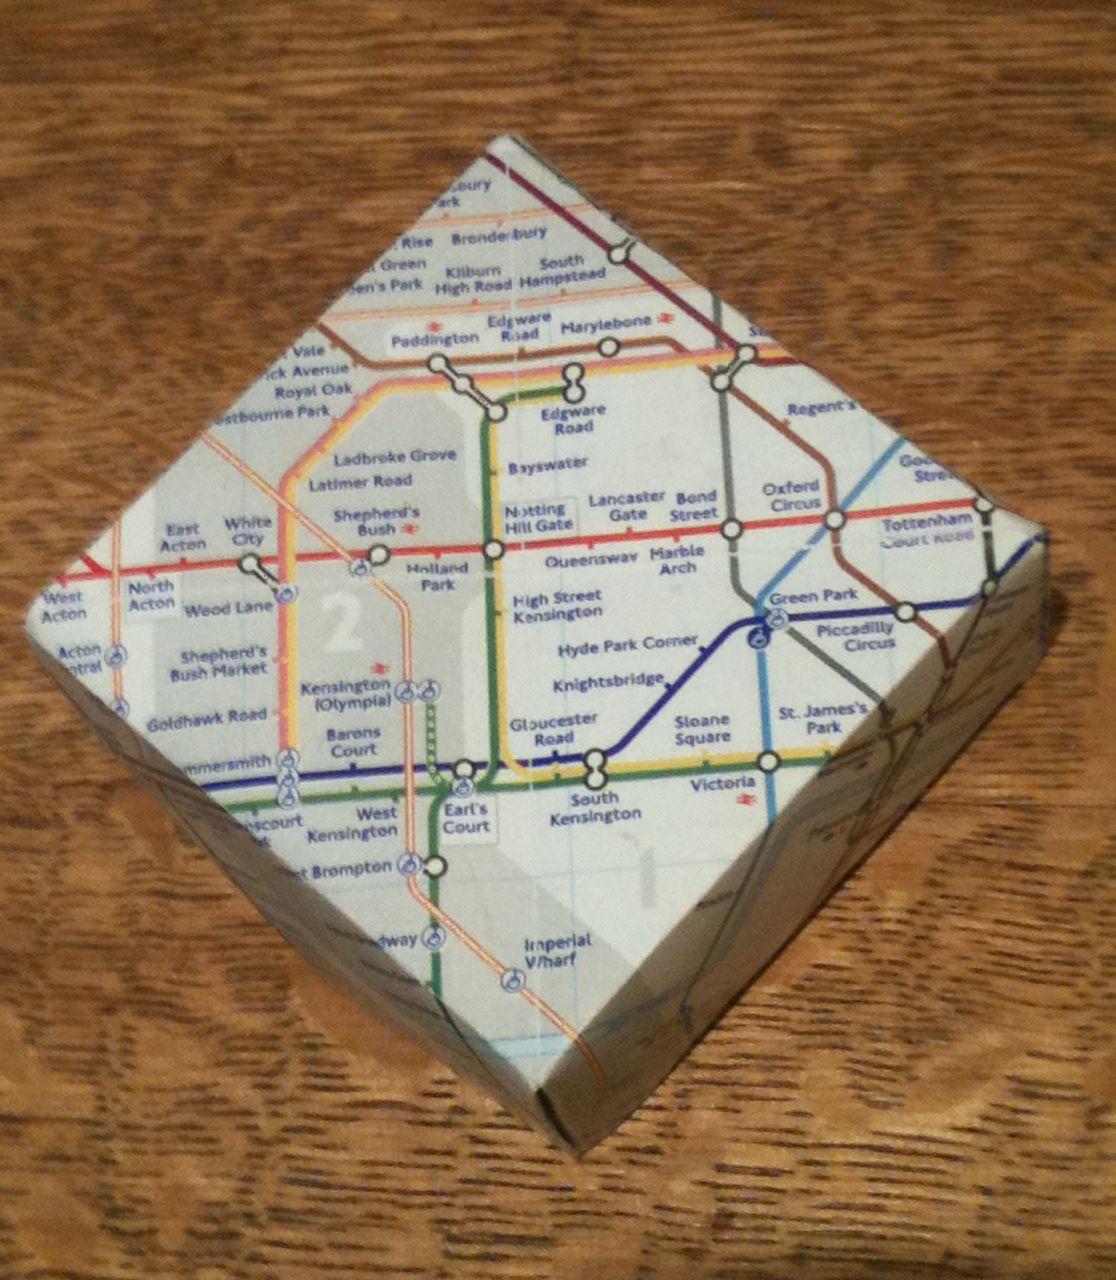 London Underground ticket wedding invitation Underground